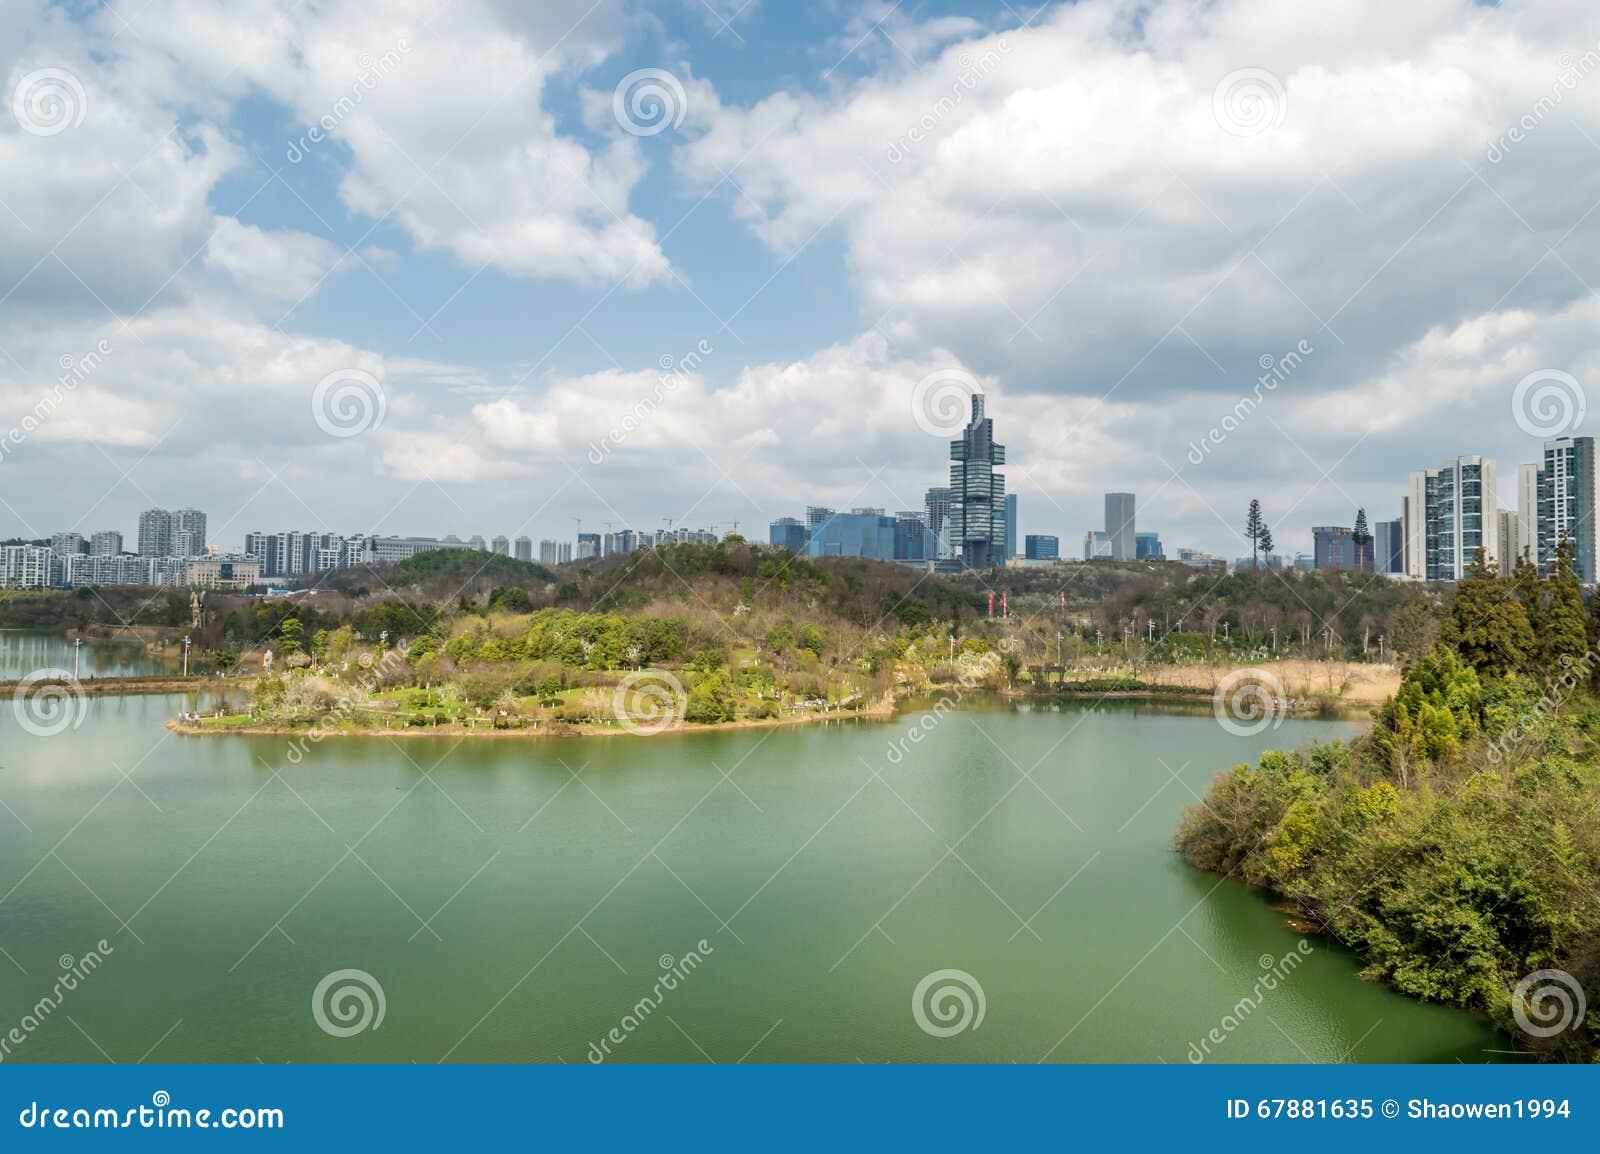 贵阳city—中心公园湖图3